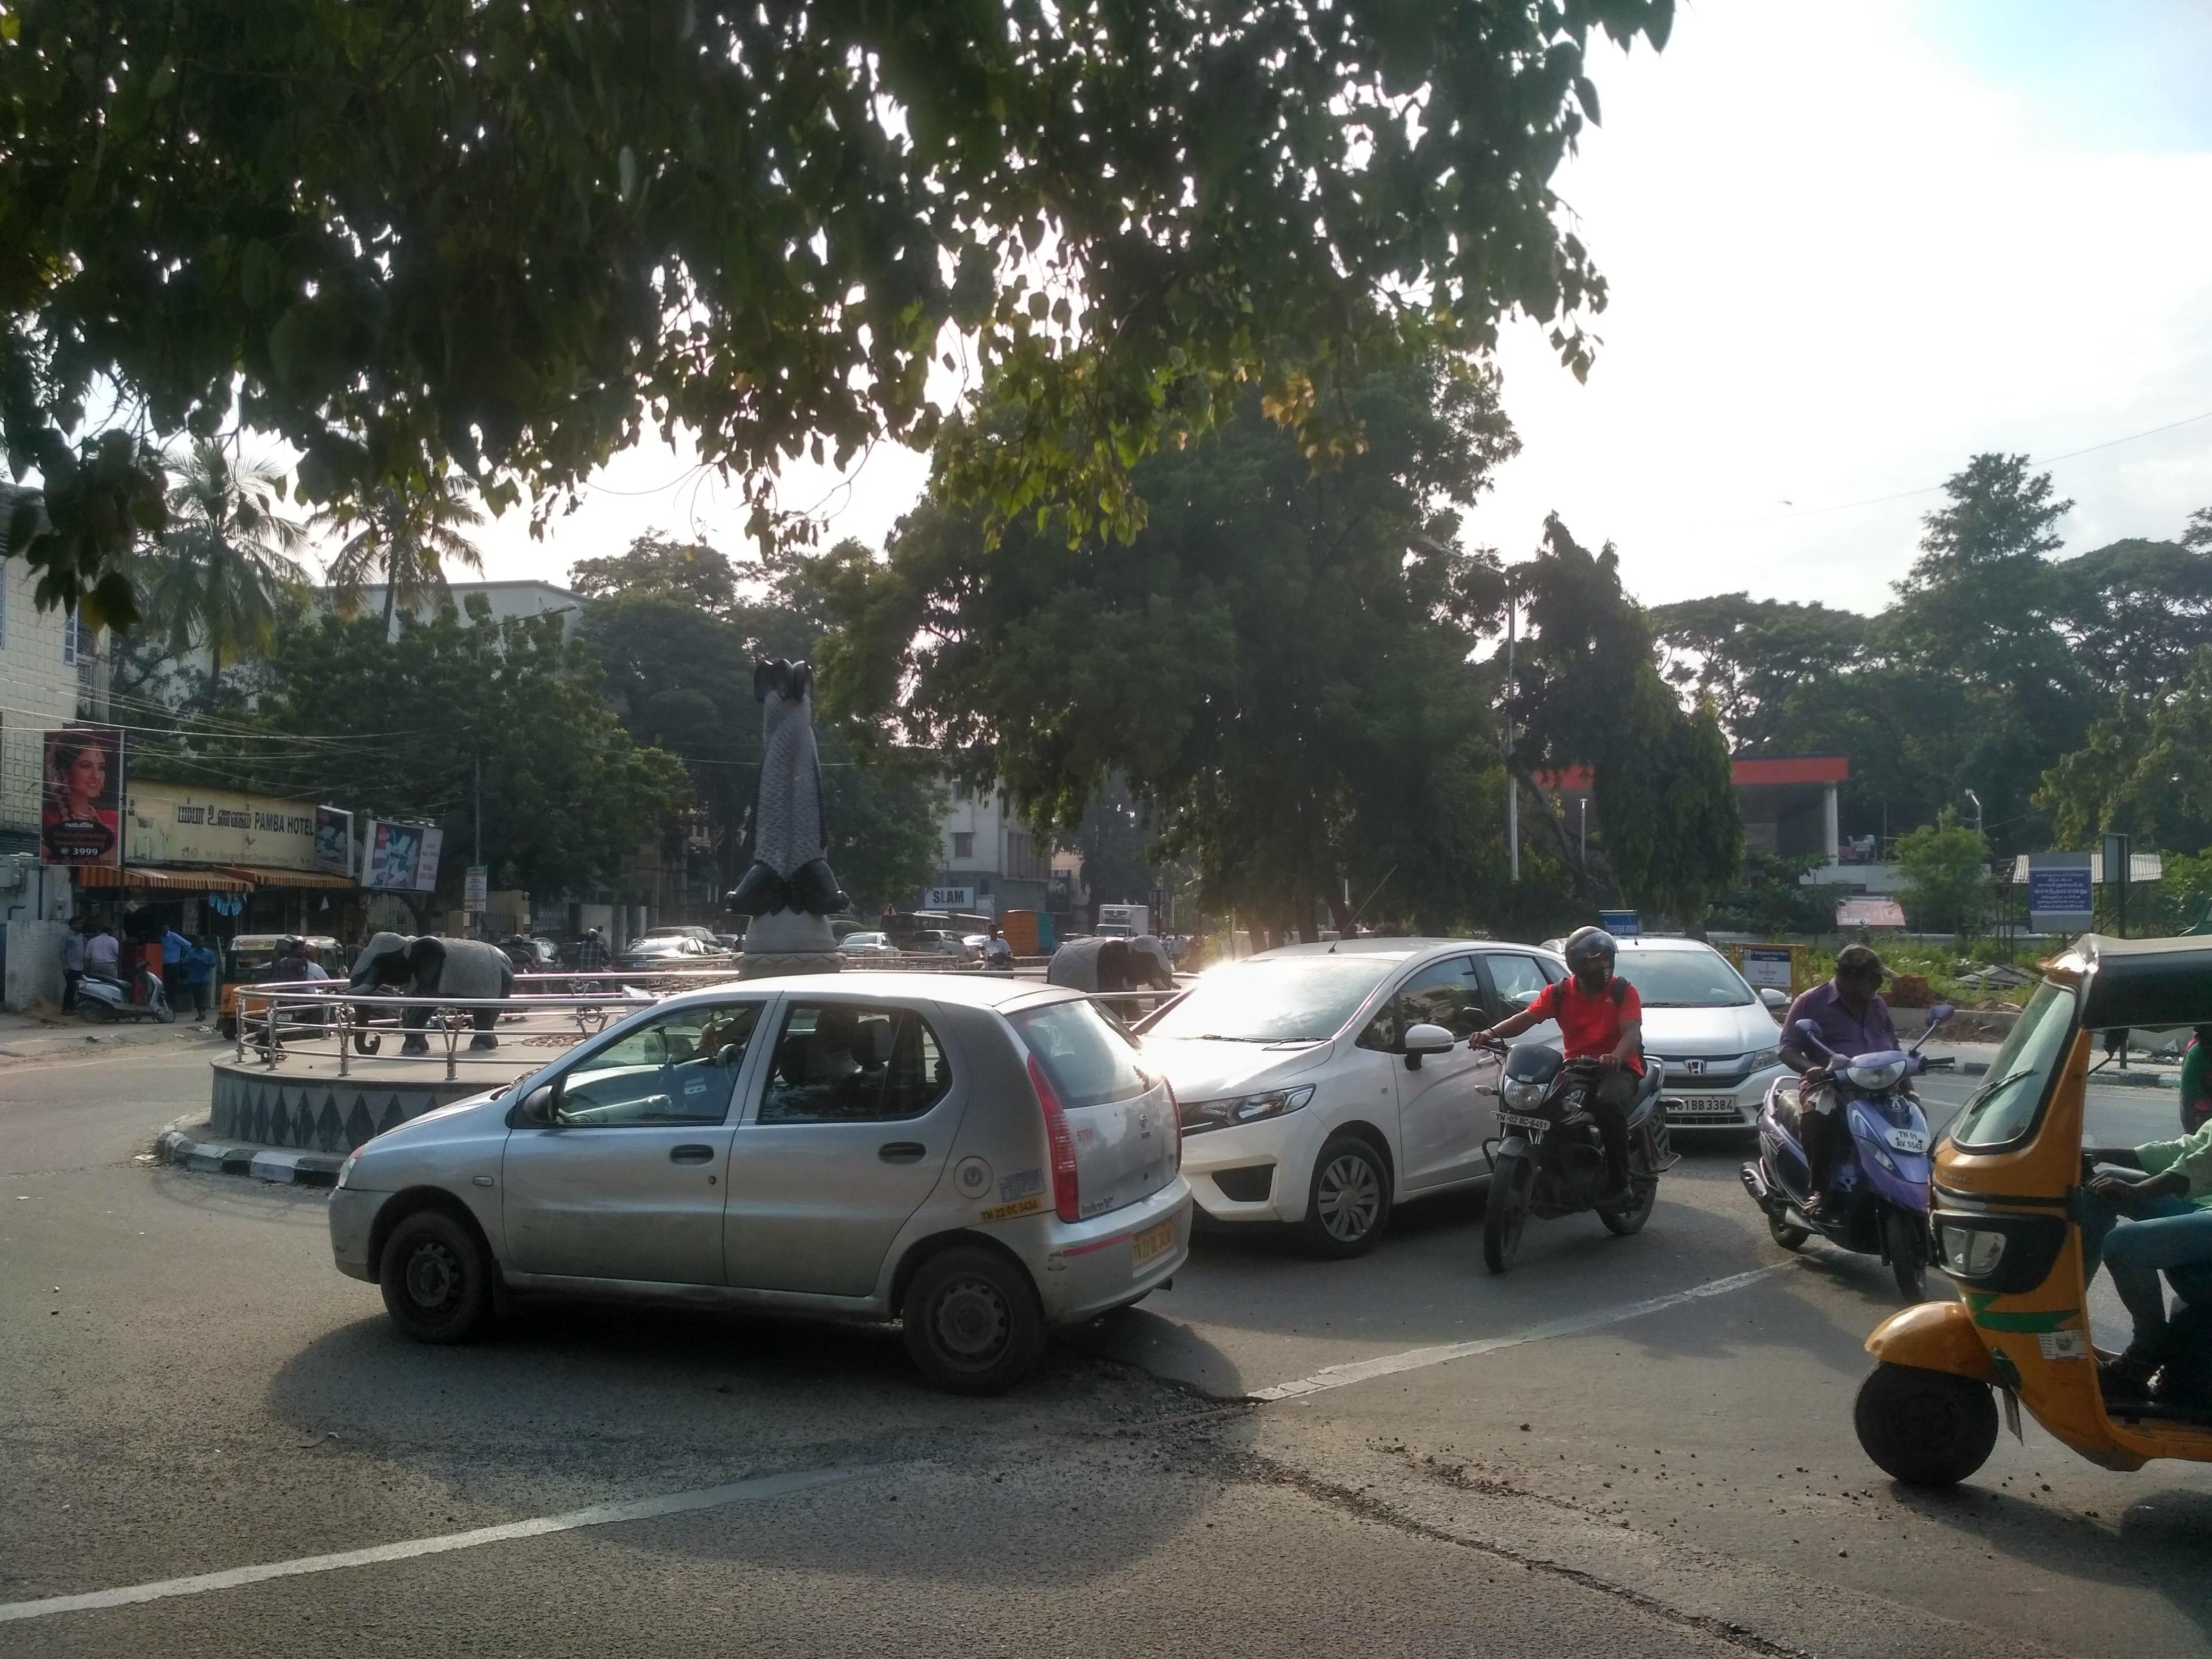 காசா மேஜர் சாலை